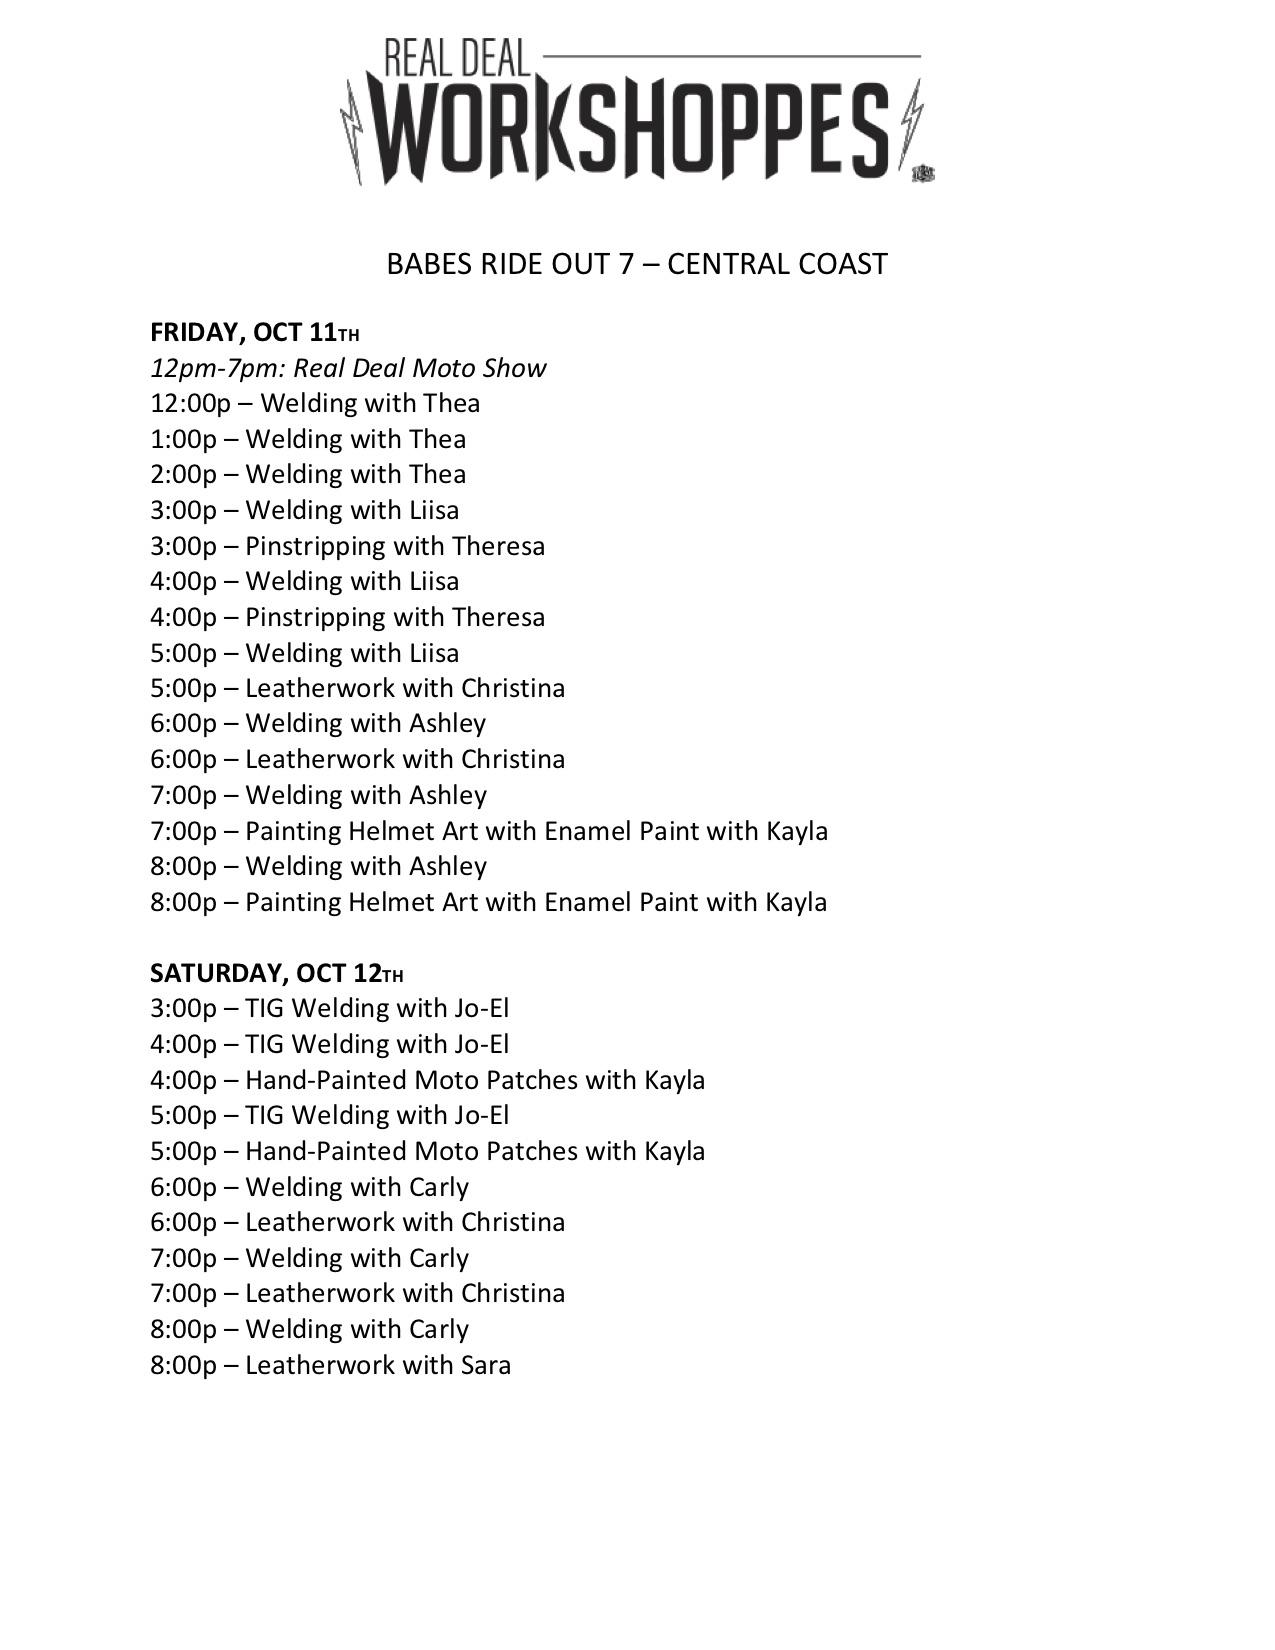 RDR Event Schedule-BRO7.jpg